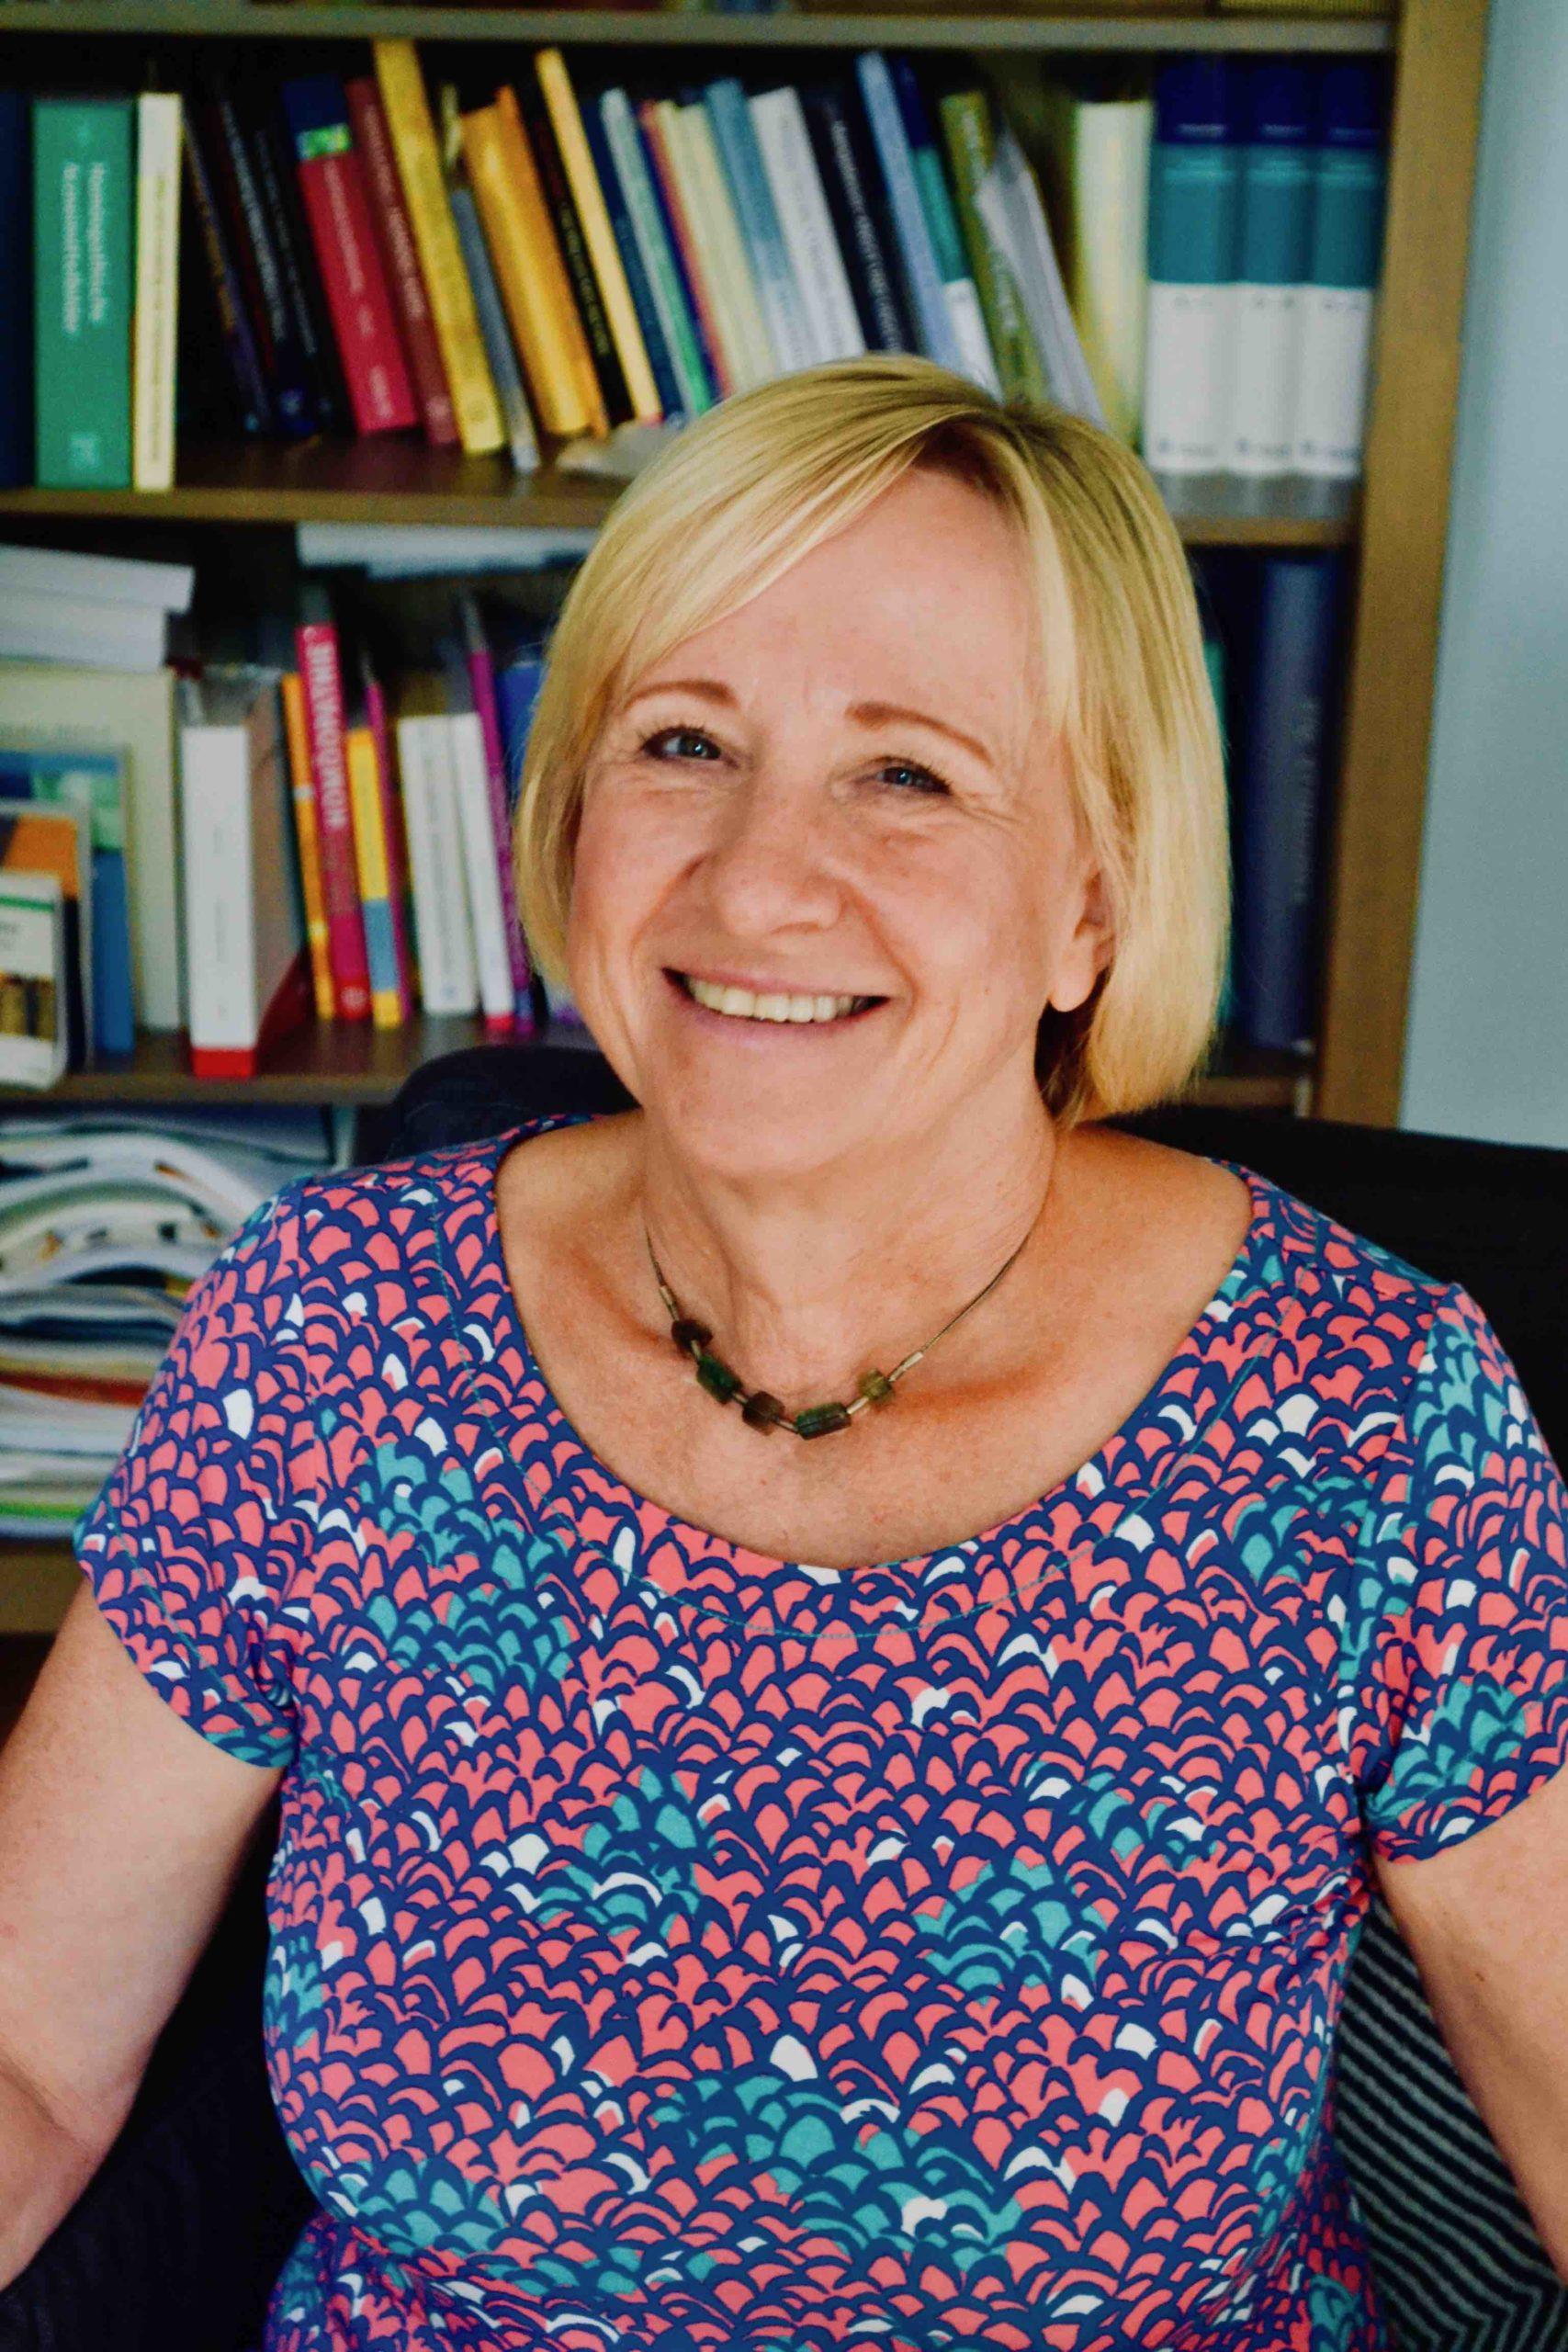 Ines Sandner